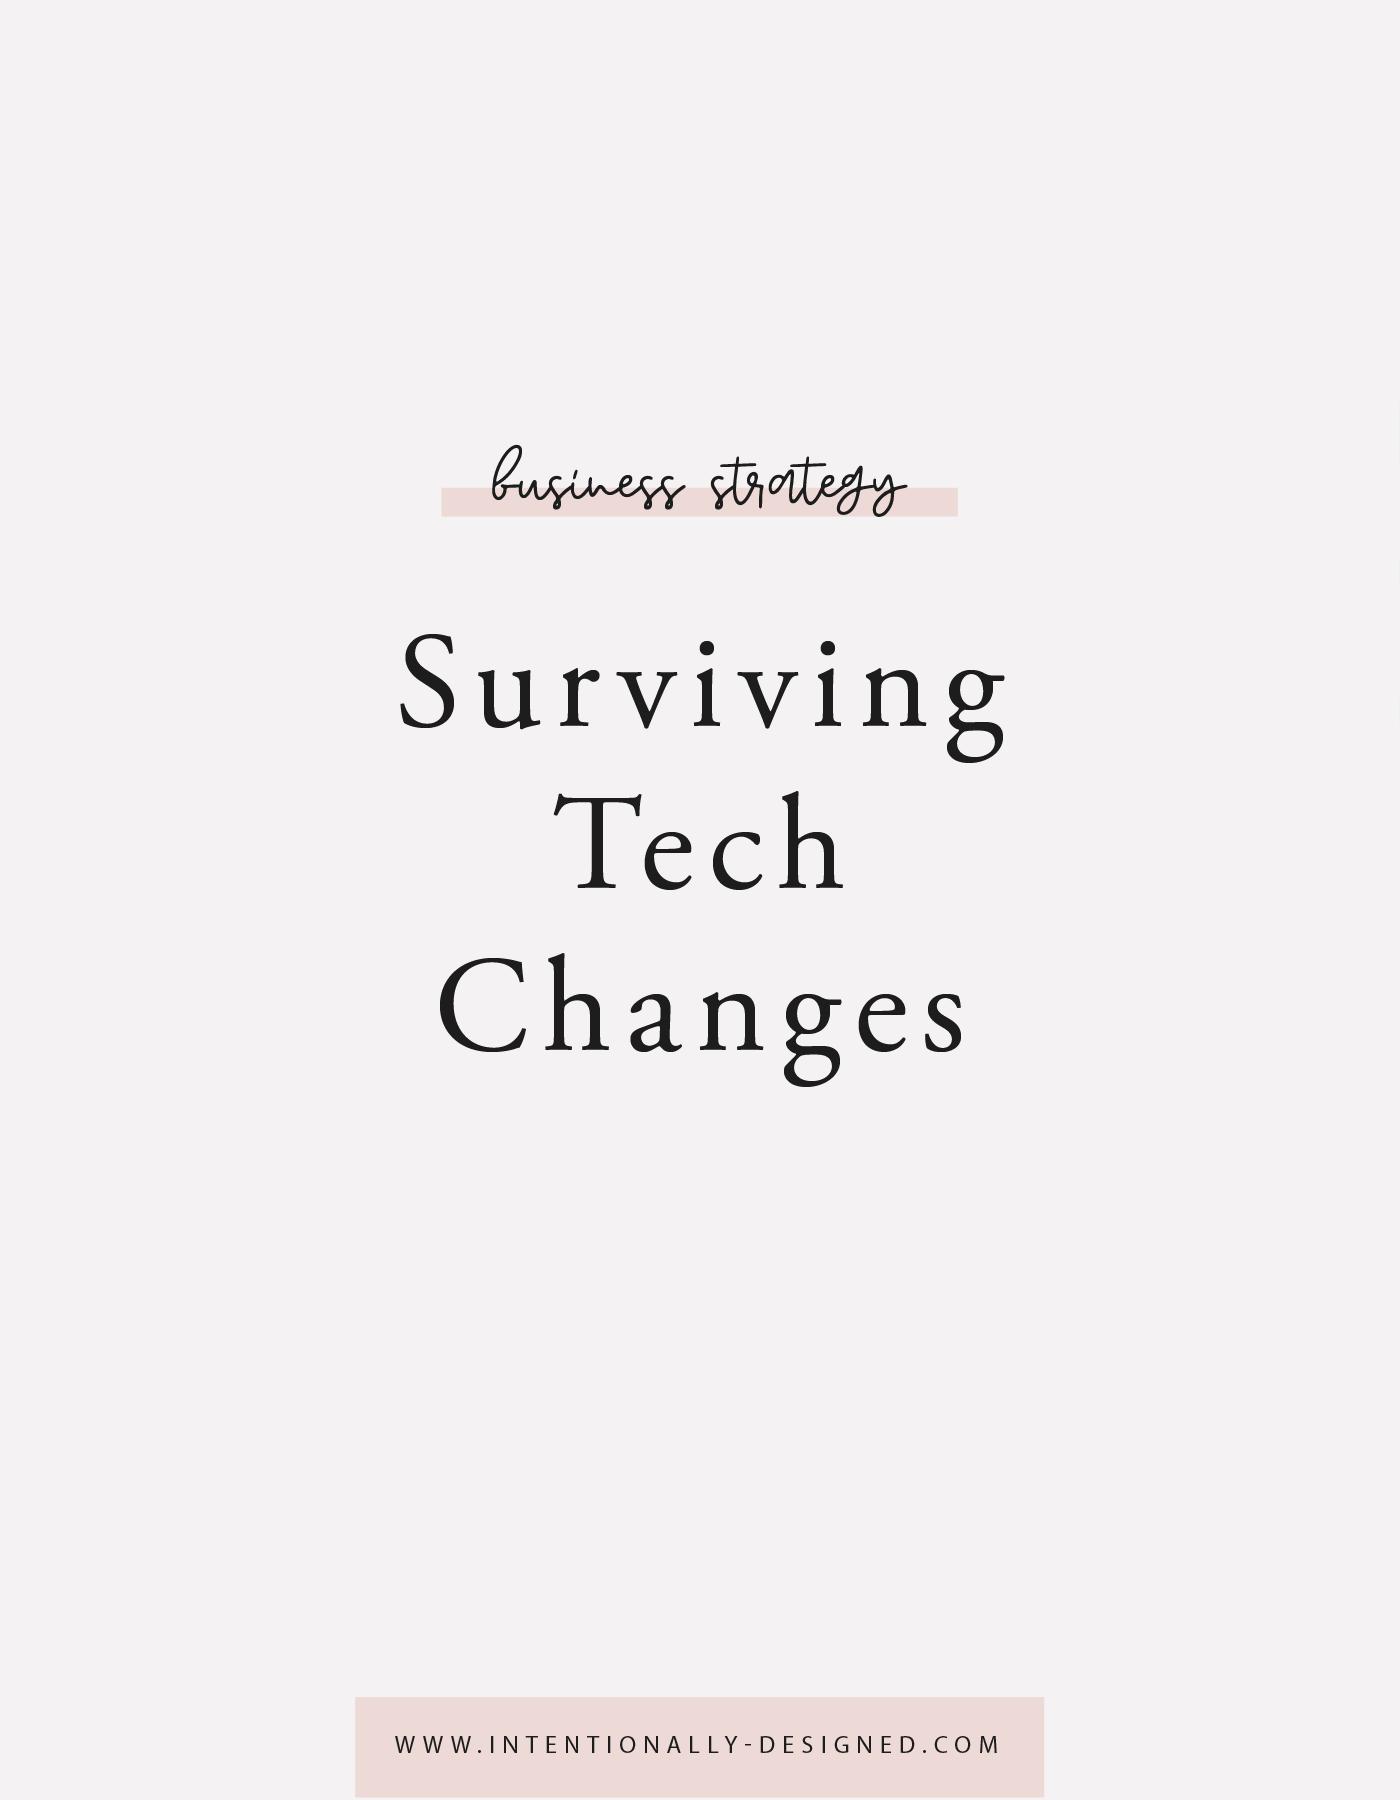 Surviving Tech Changes